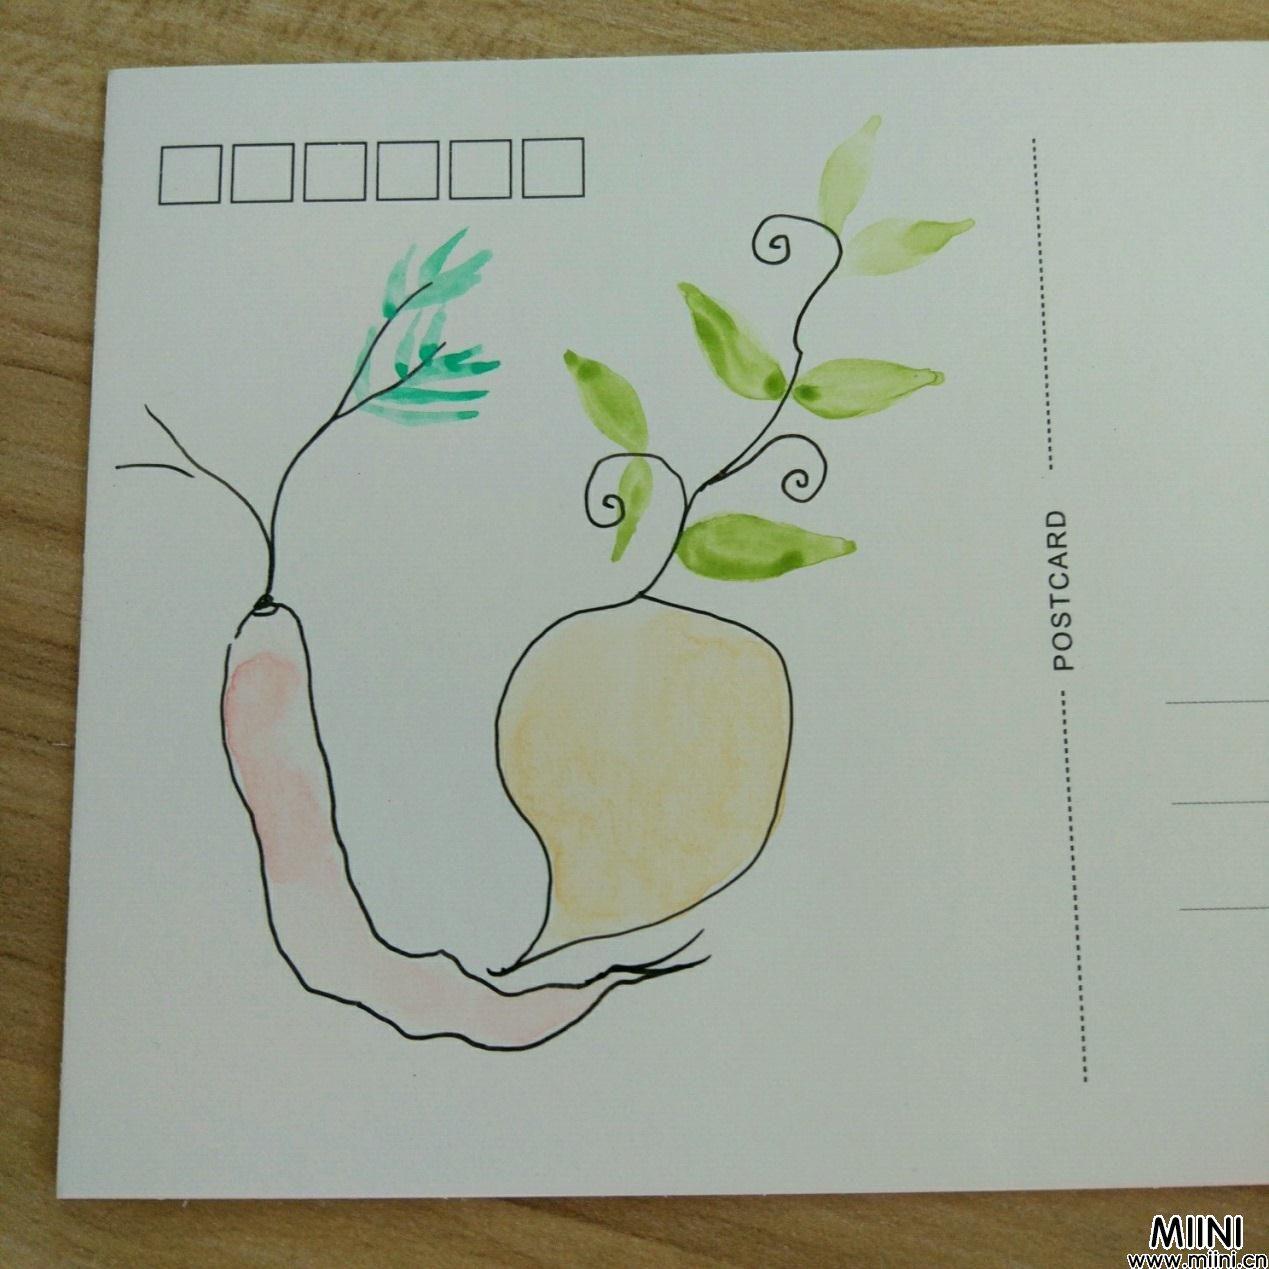 明信片上画一个可爱萝卜的简笔画教程